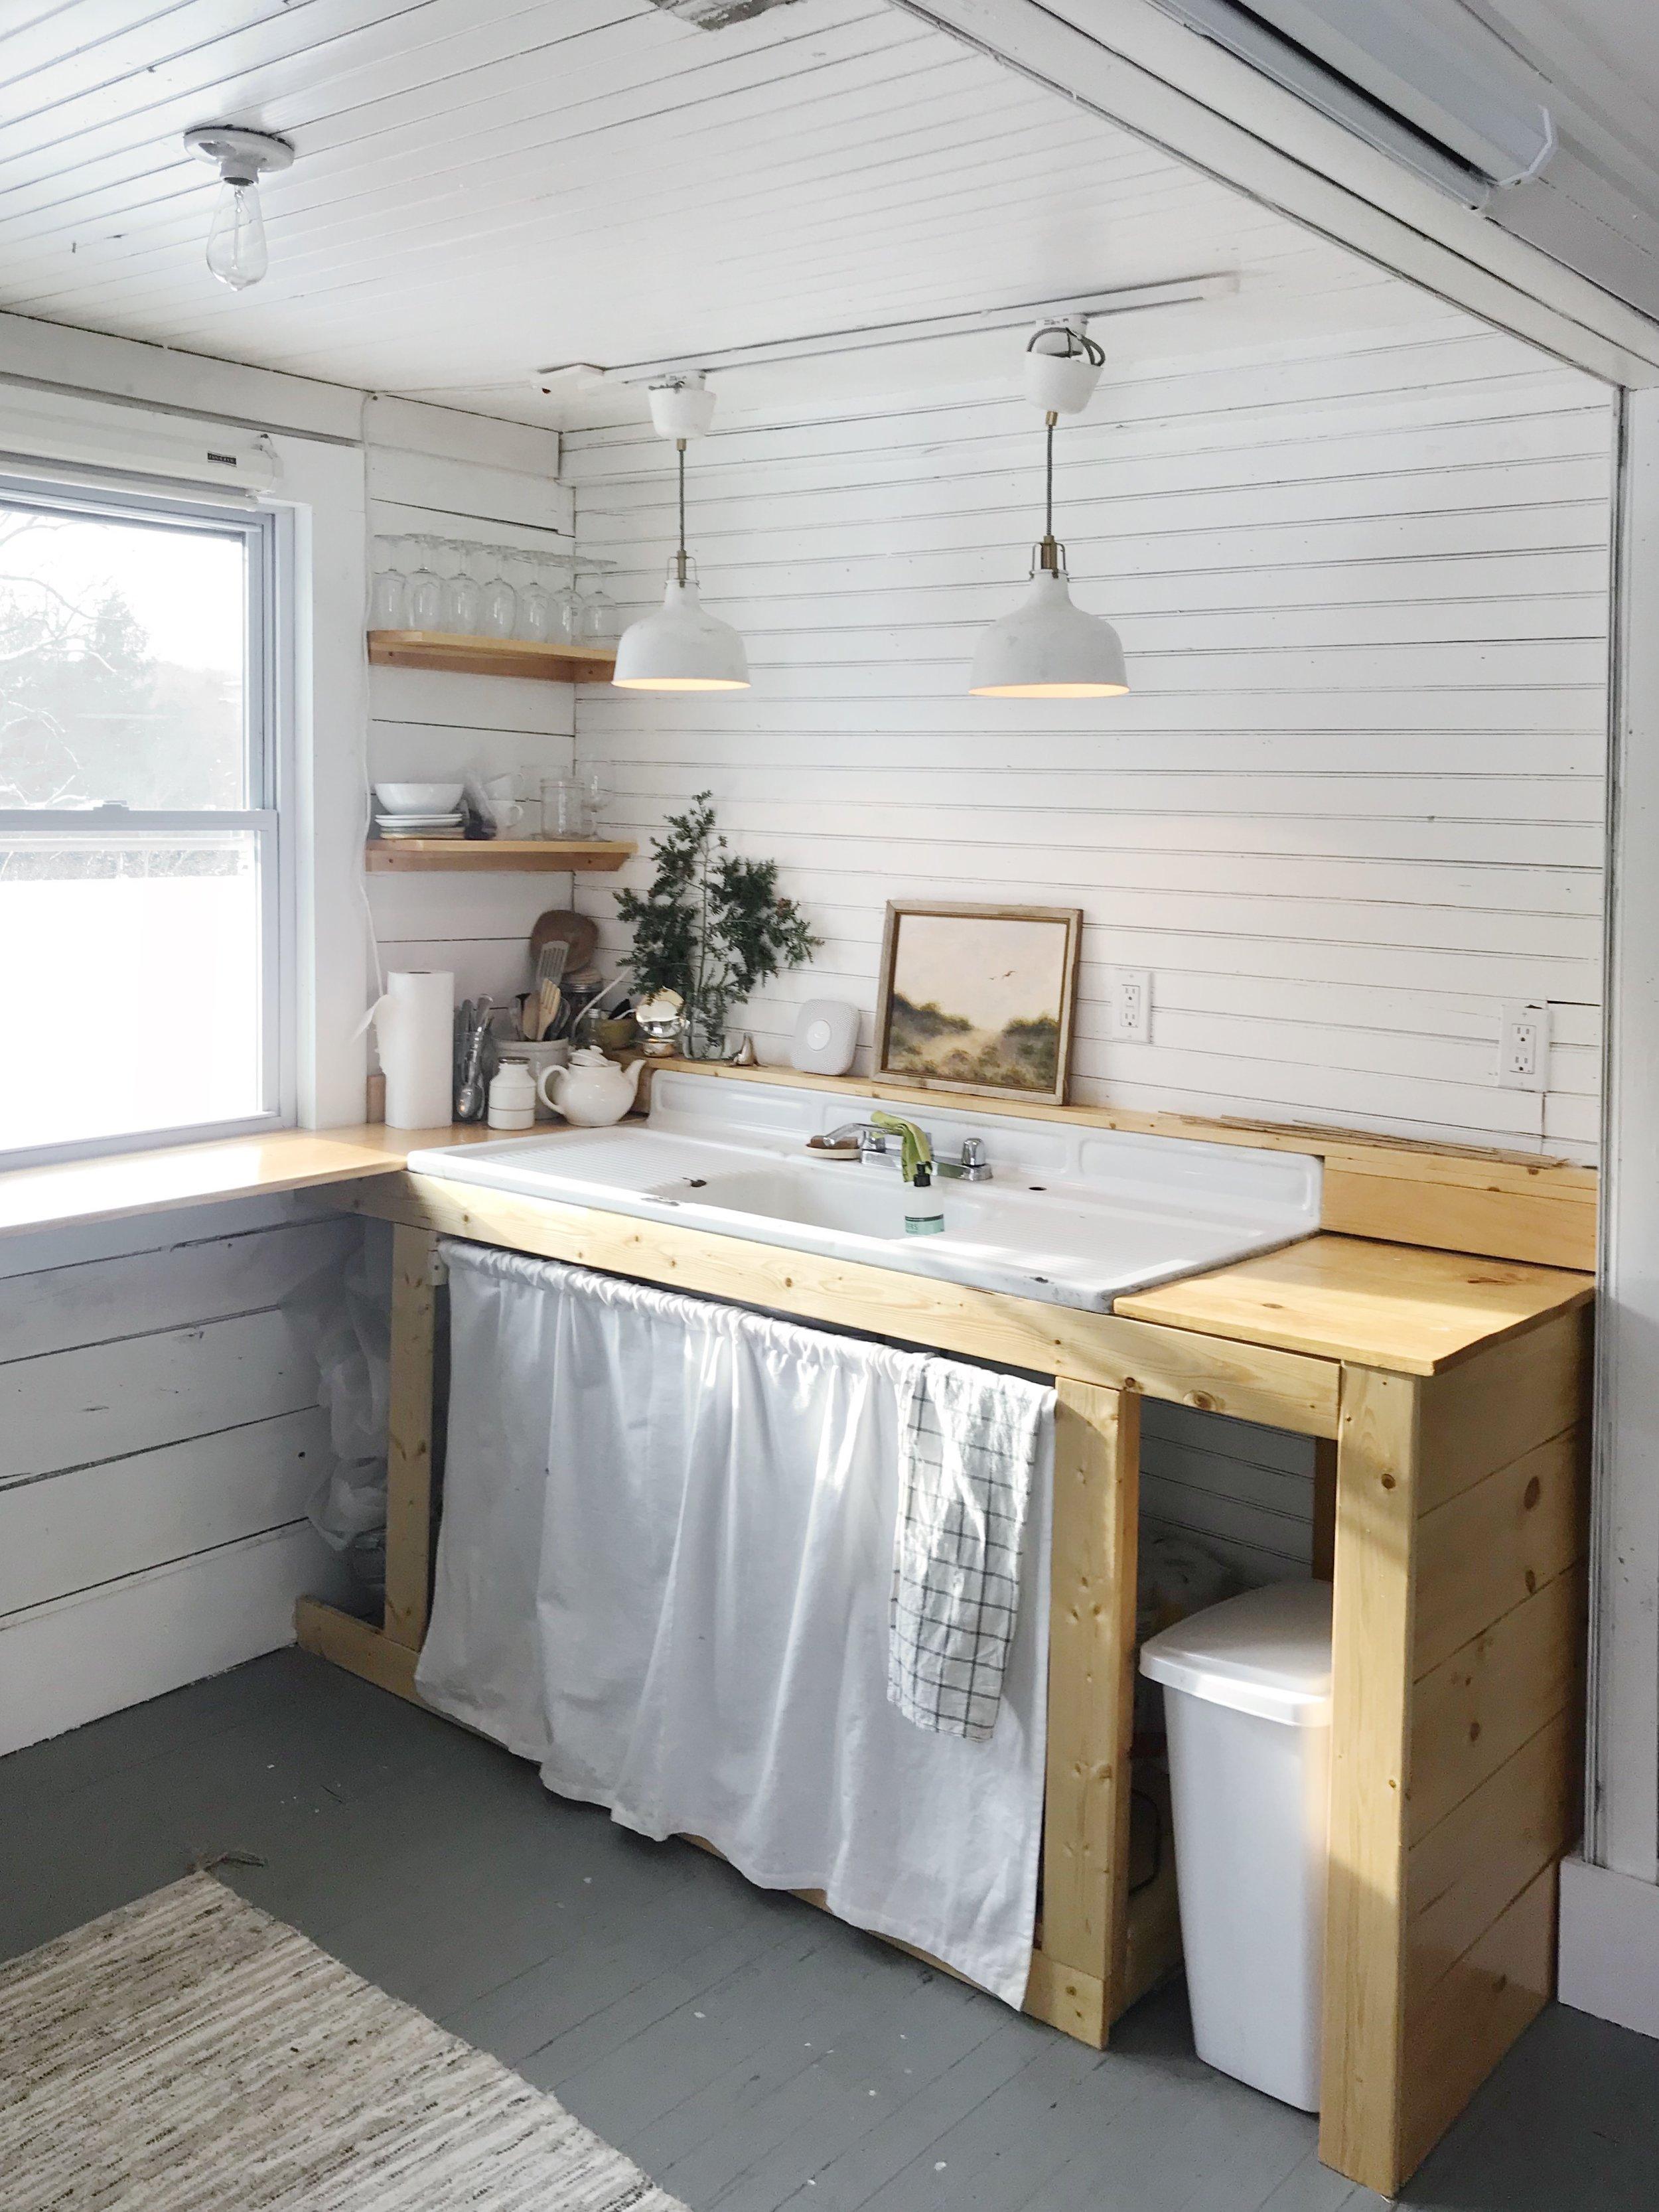 RedCottage_LMFFC_Loft_kitchen.JPG